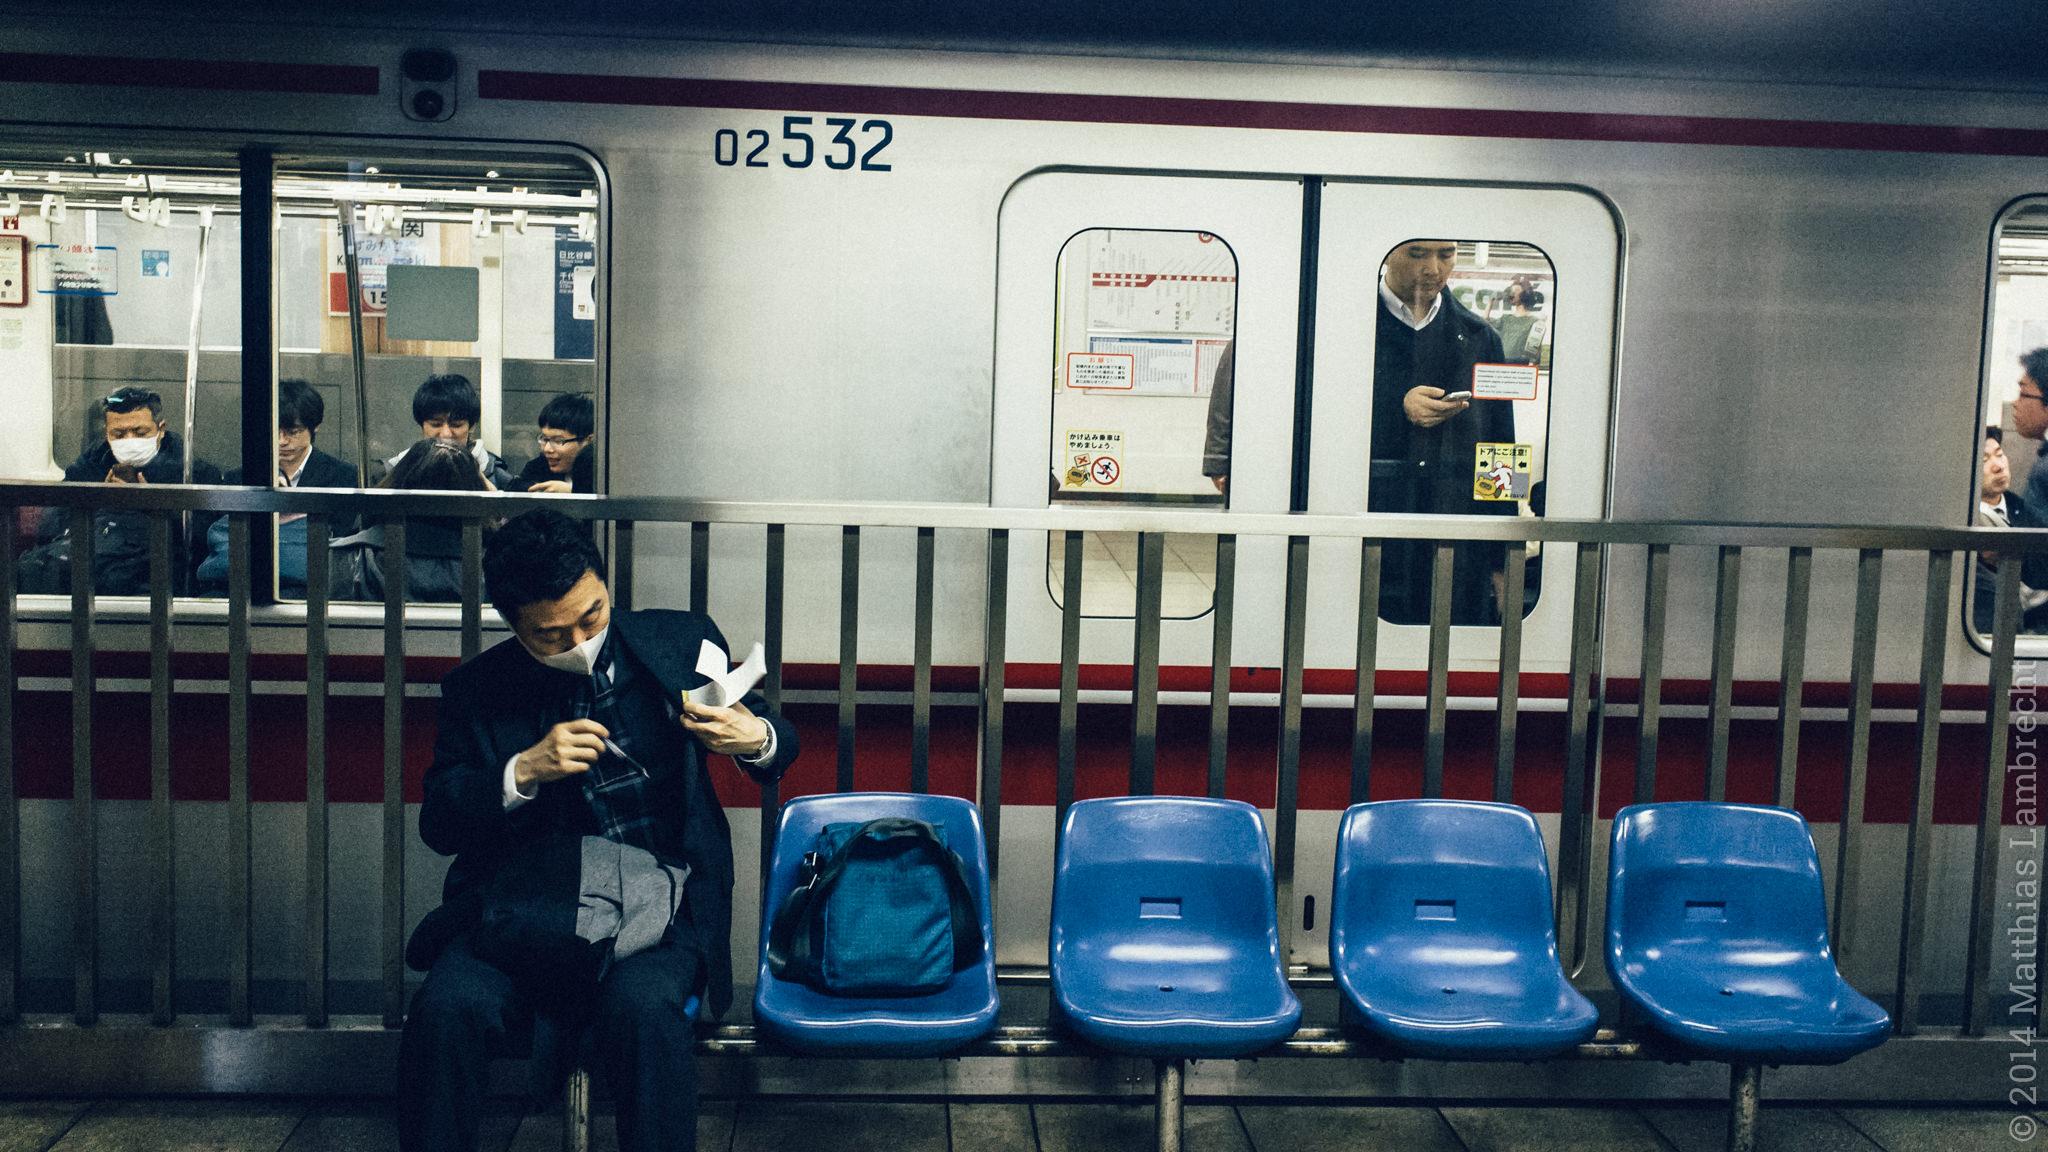 commuters・通る人 (iv)